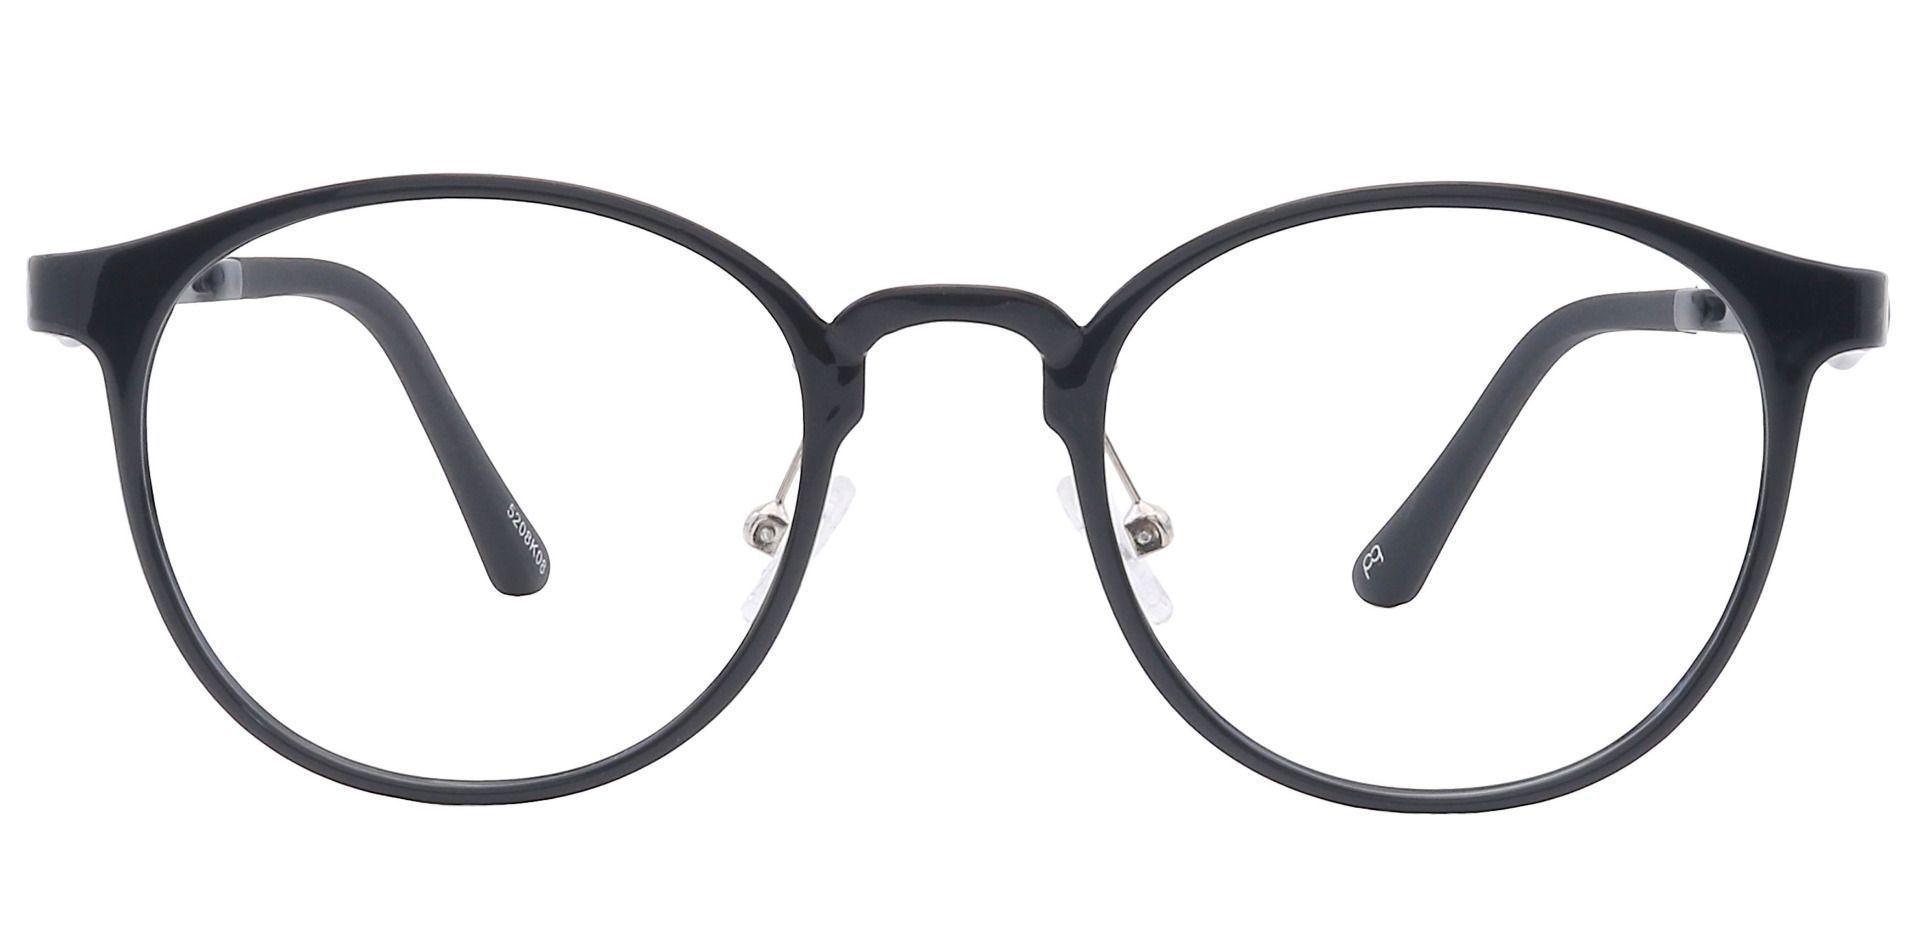 Nimbus Oval Non-Rx Glasses - Black